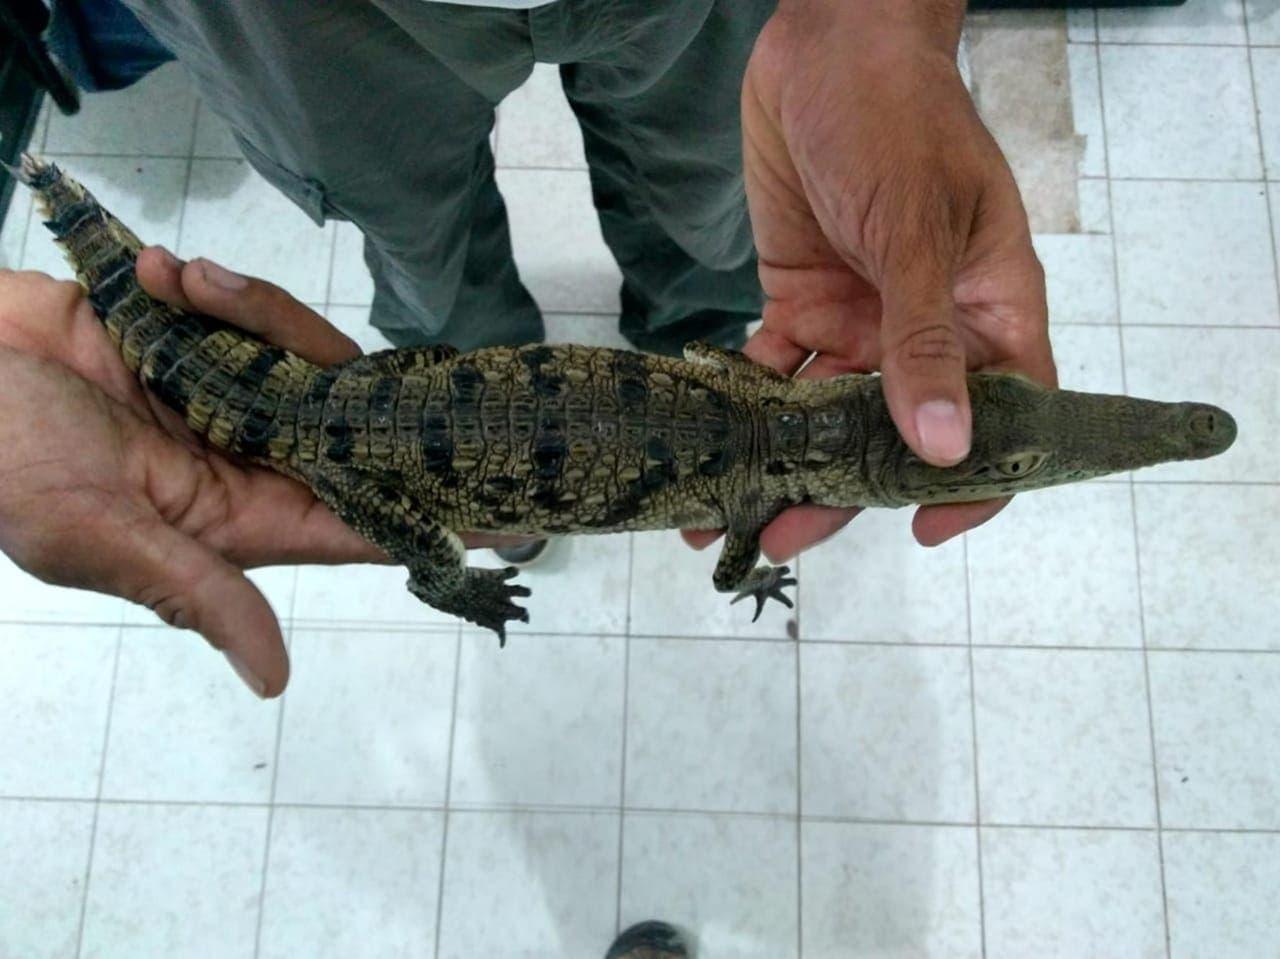 El biólogo Rafael Chacón Díaz, director de Conservación y Educación Ambiental (CEA), informó que una familia se puso en contacto con él para entregarle al cocodrilo.